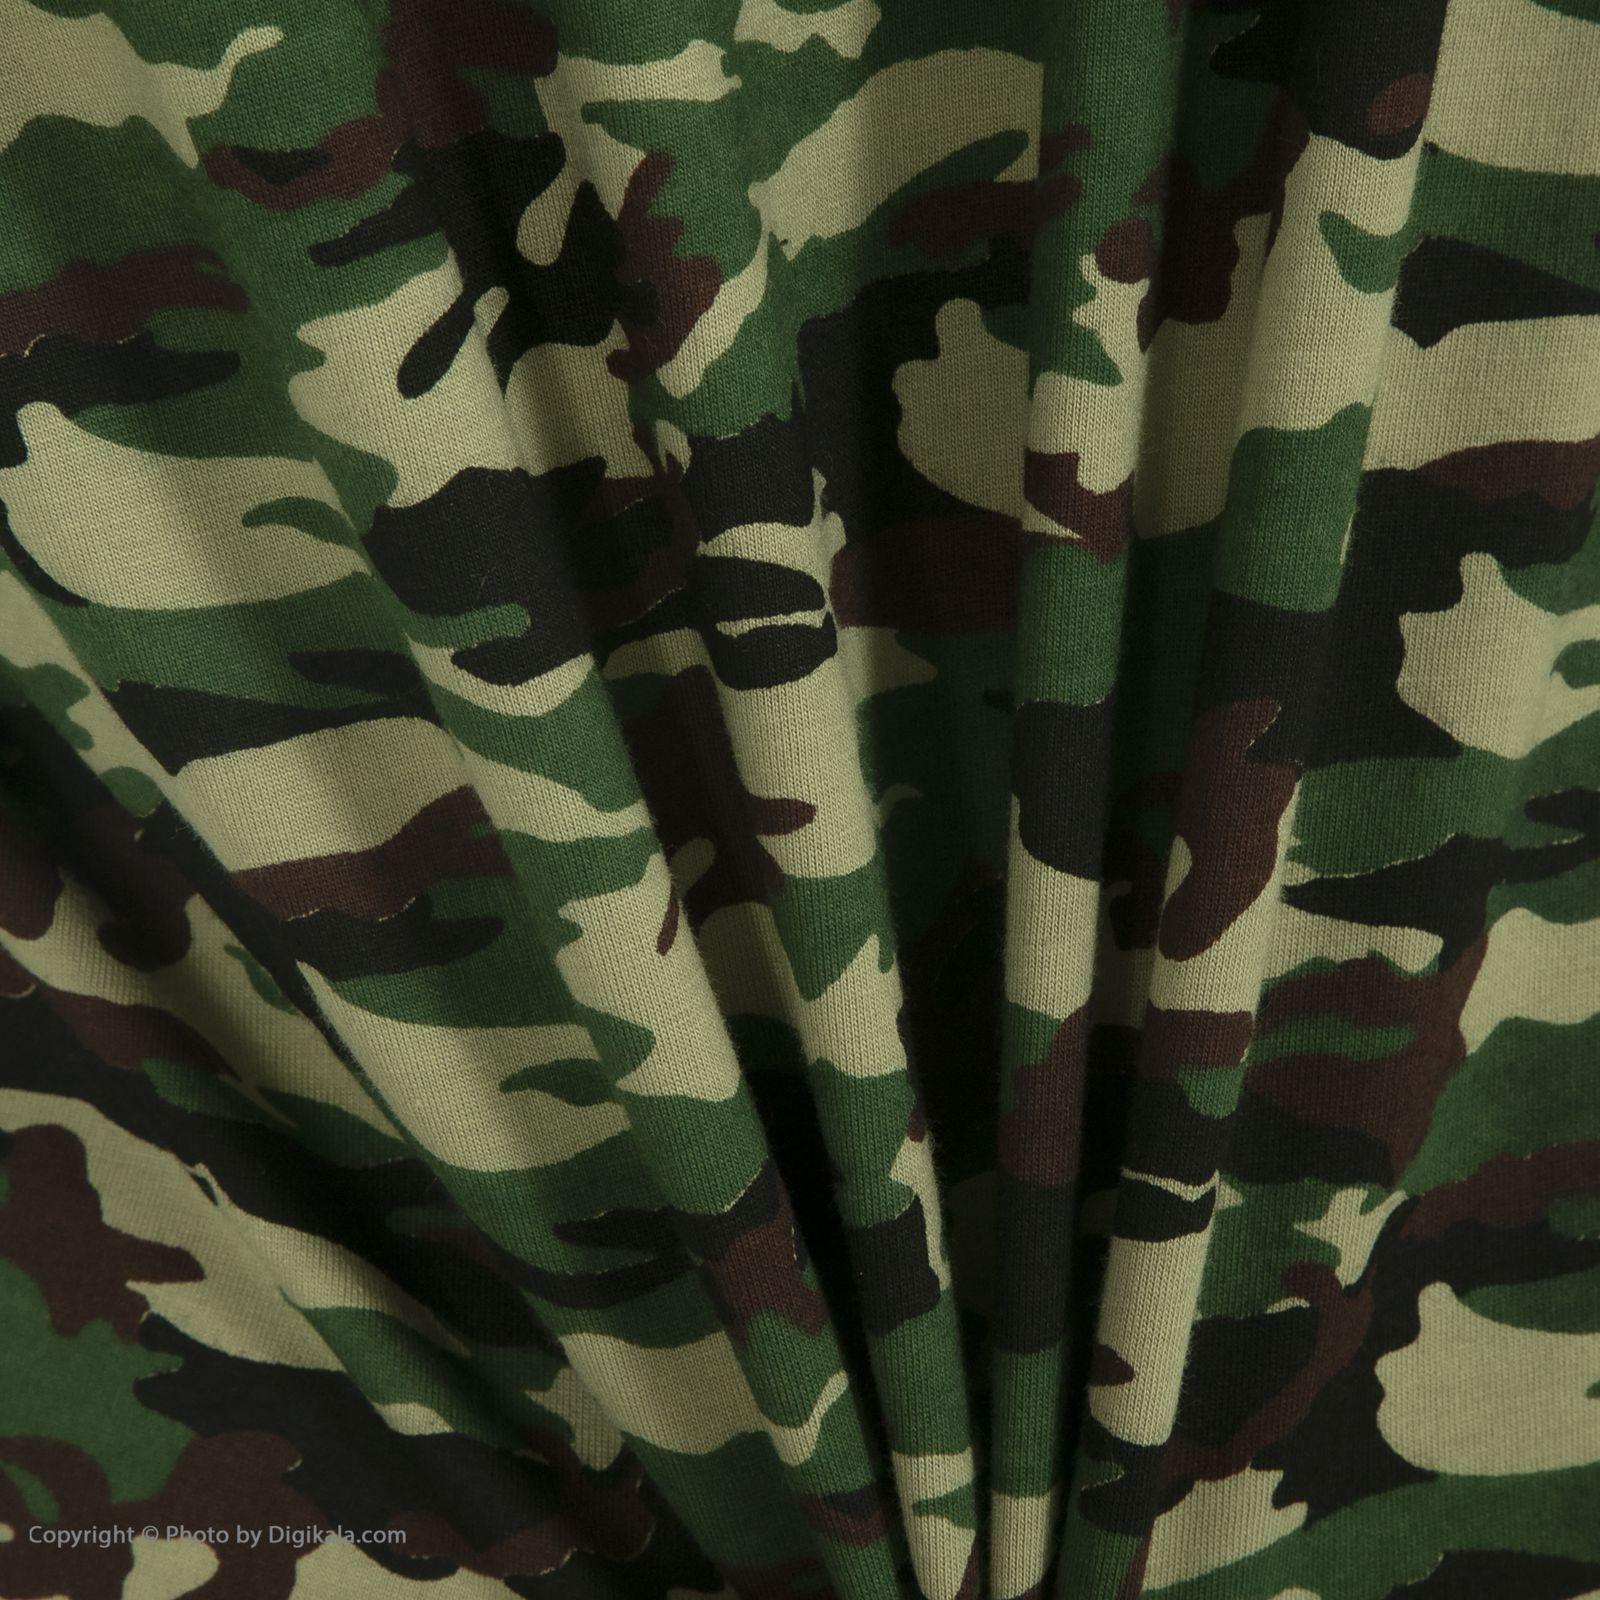 ست تی شرت و شلوارک راحتی مردانه مادر مدل 2041108-49 -  - 10